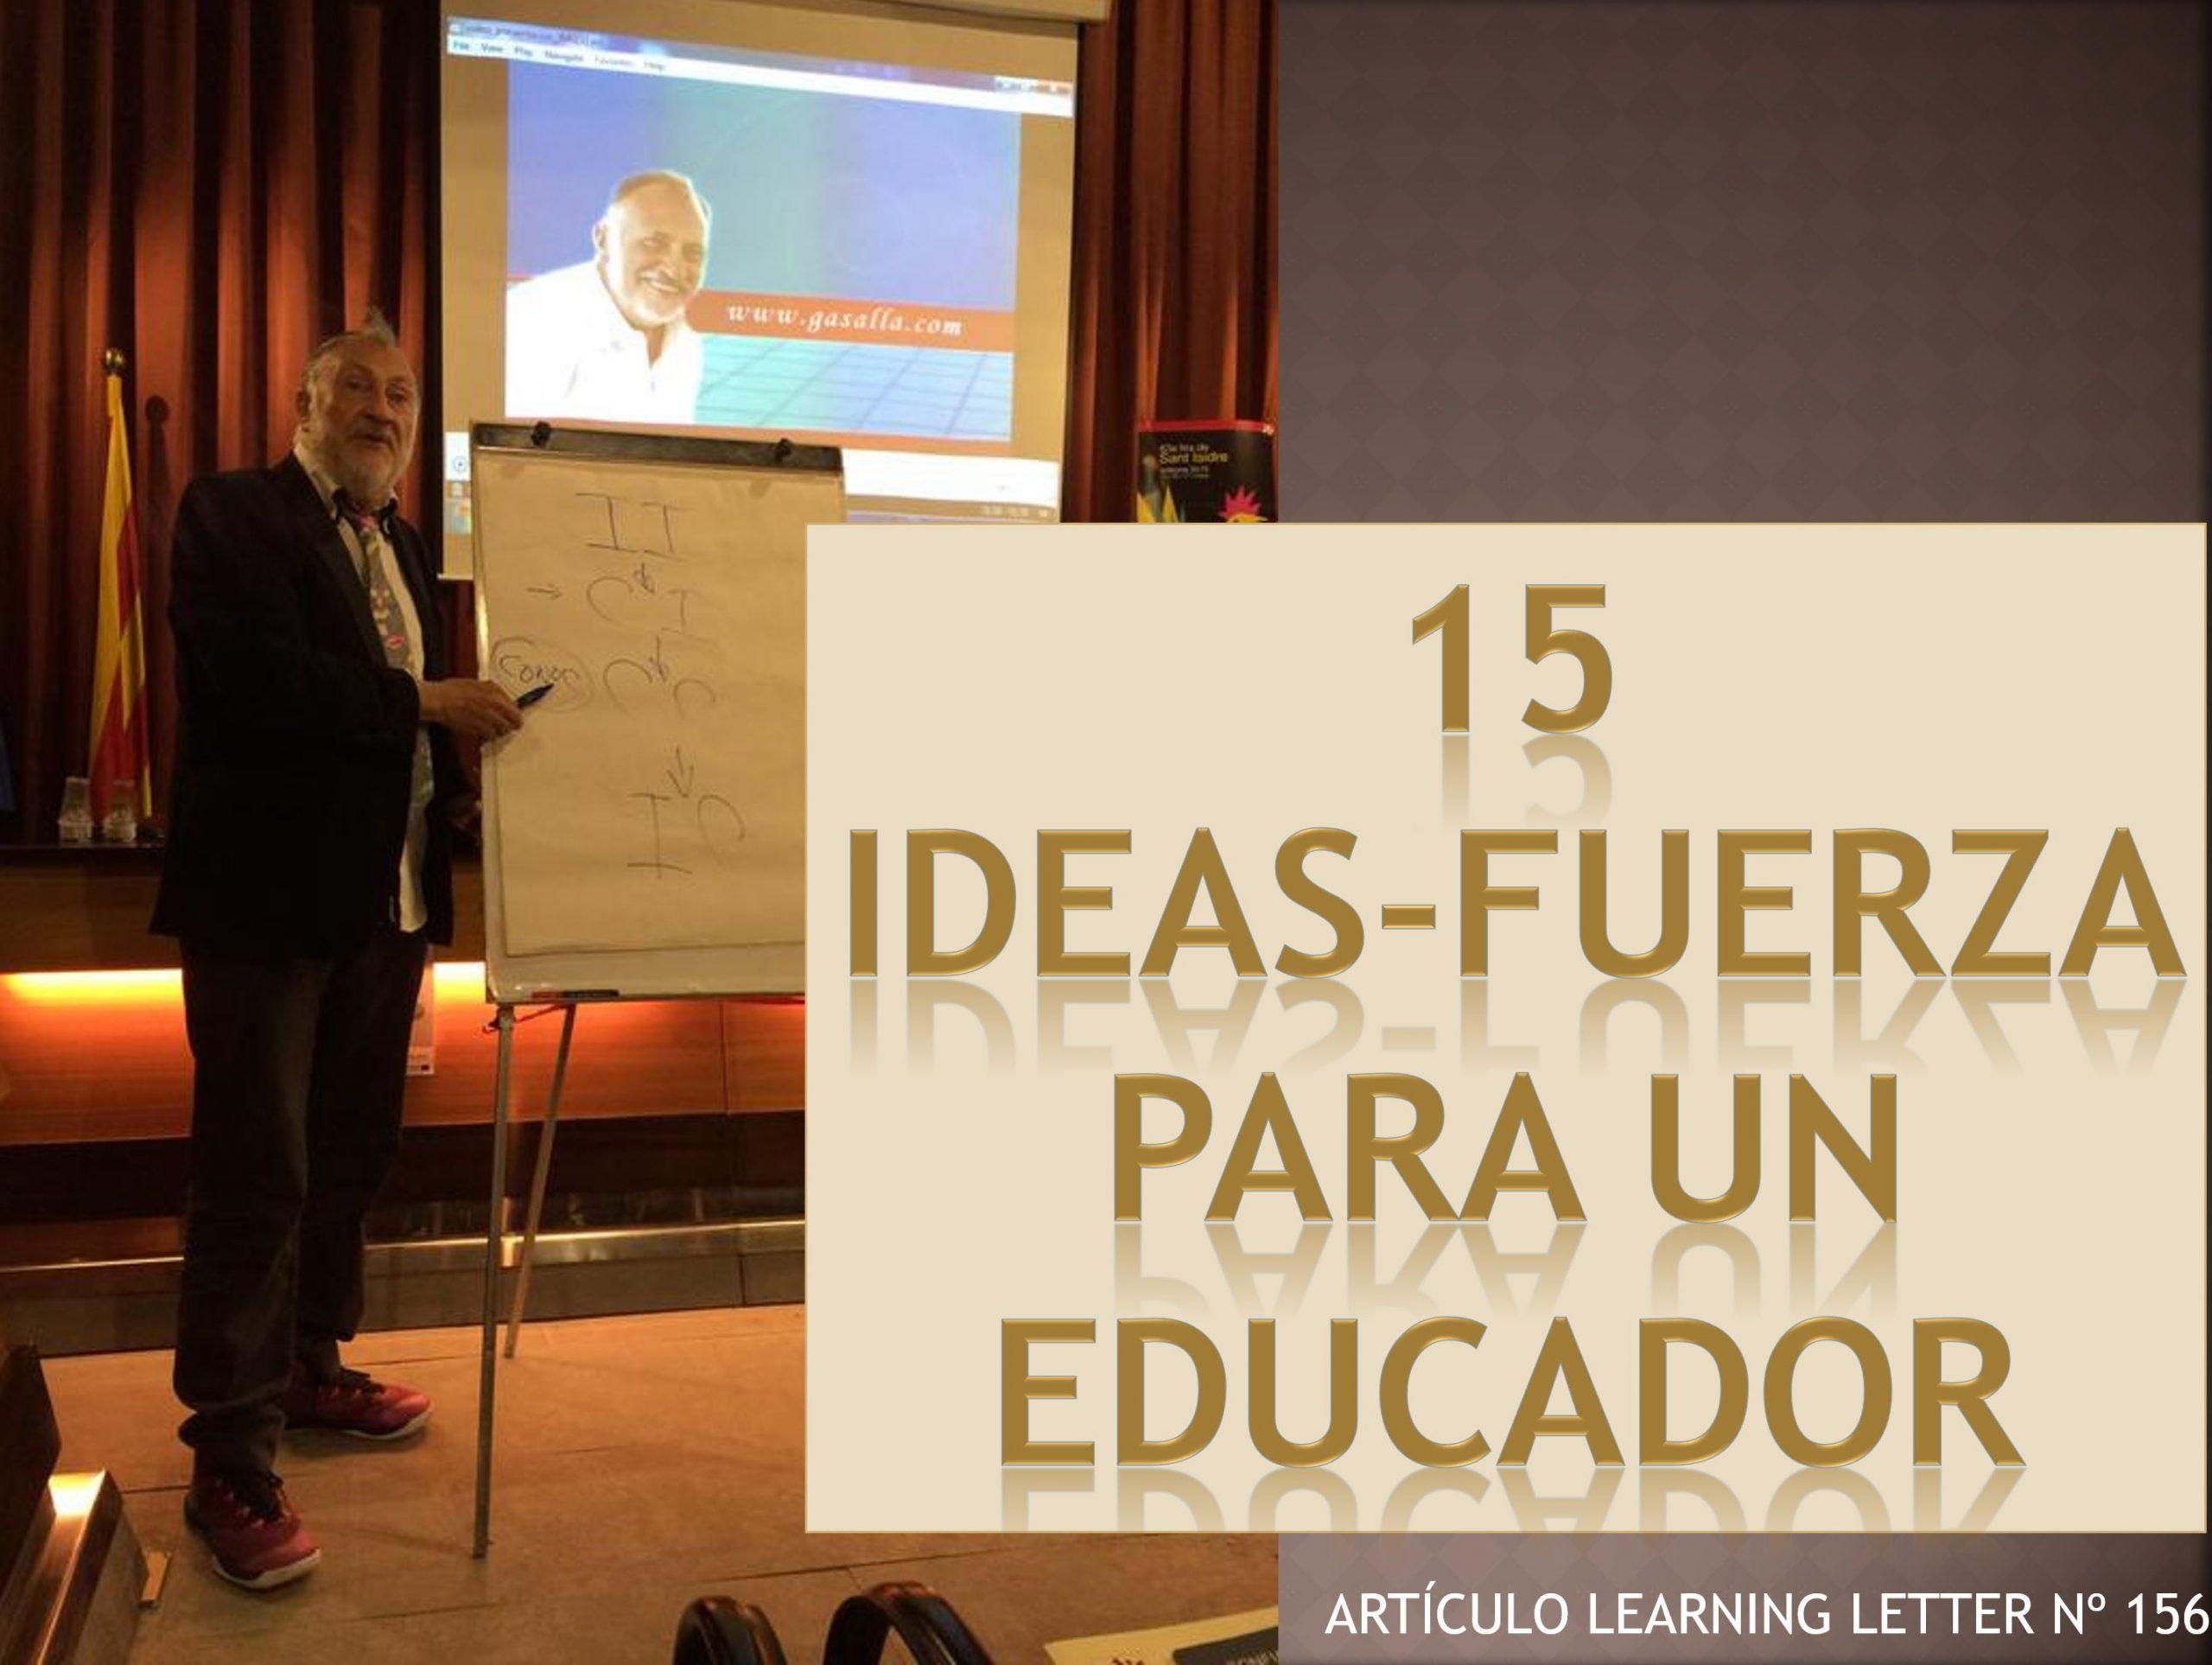 Educar para crear un espacio confiable. Learning Letter 156